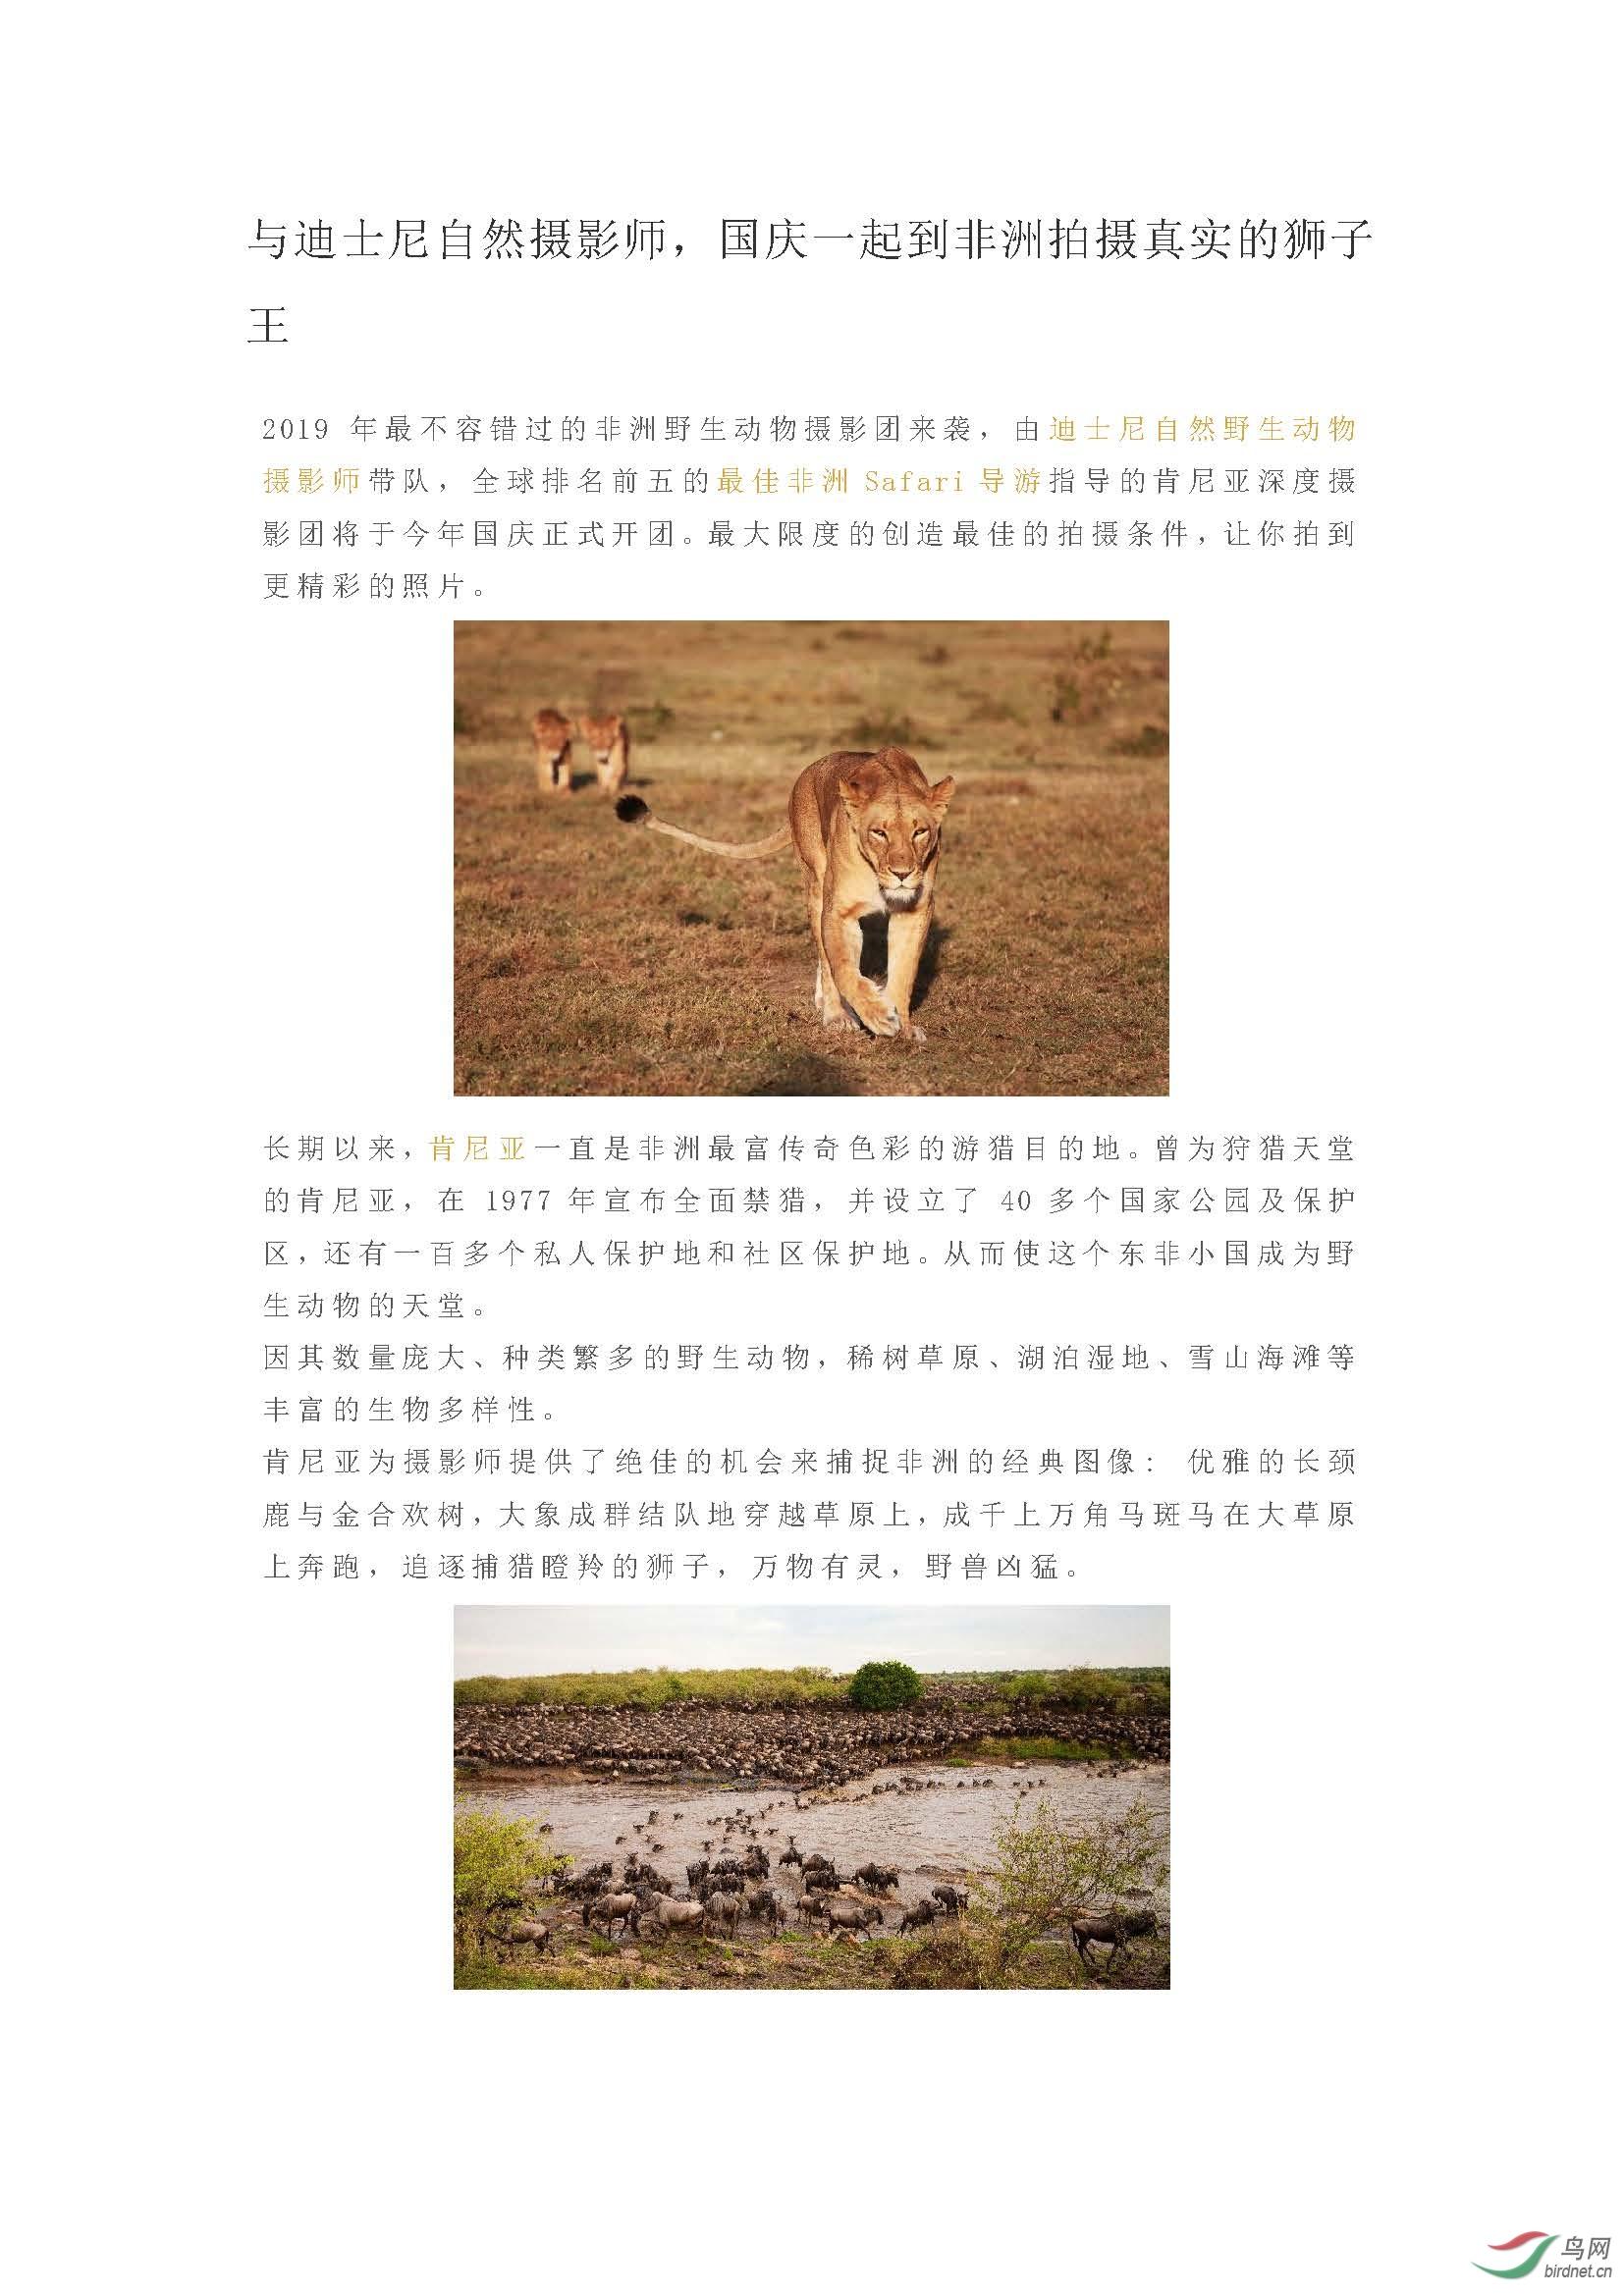 2019 国庆团  与迪士尼自然摄影师,国庆一起到非洲拍摄真实的狮子王_页面_01.jpg